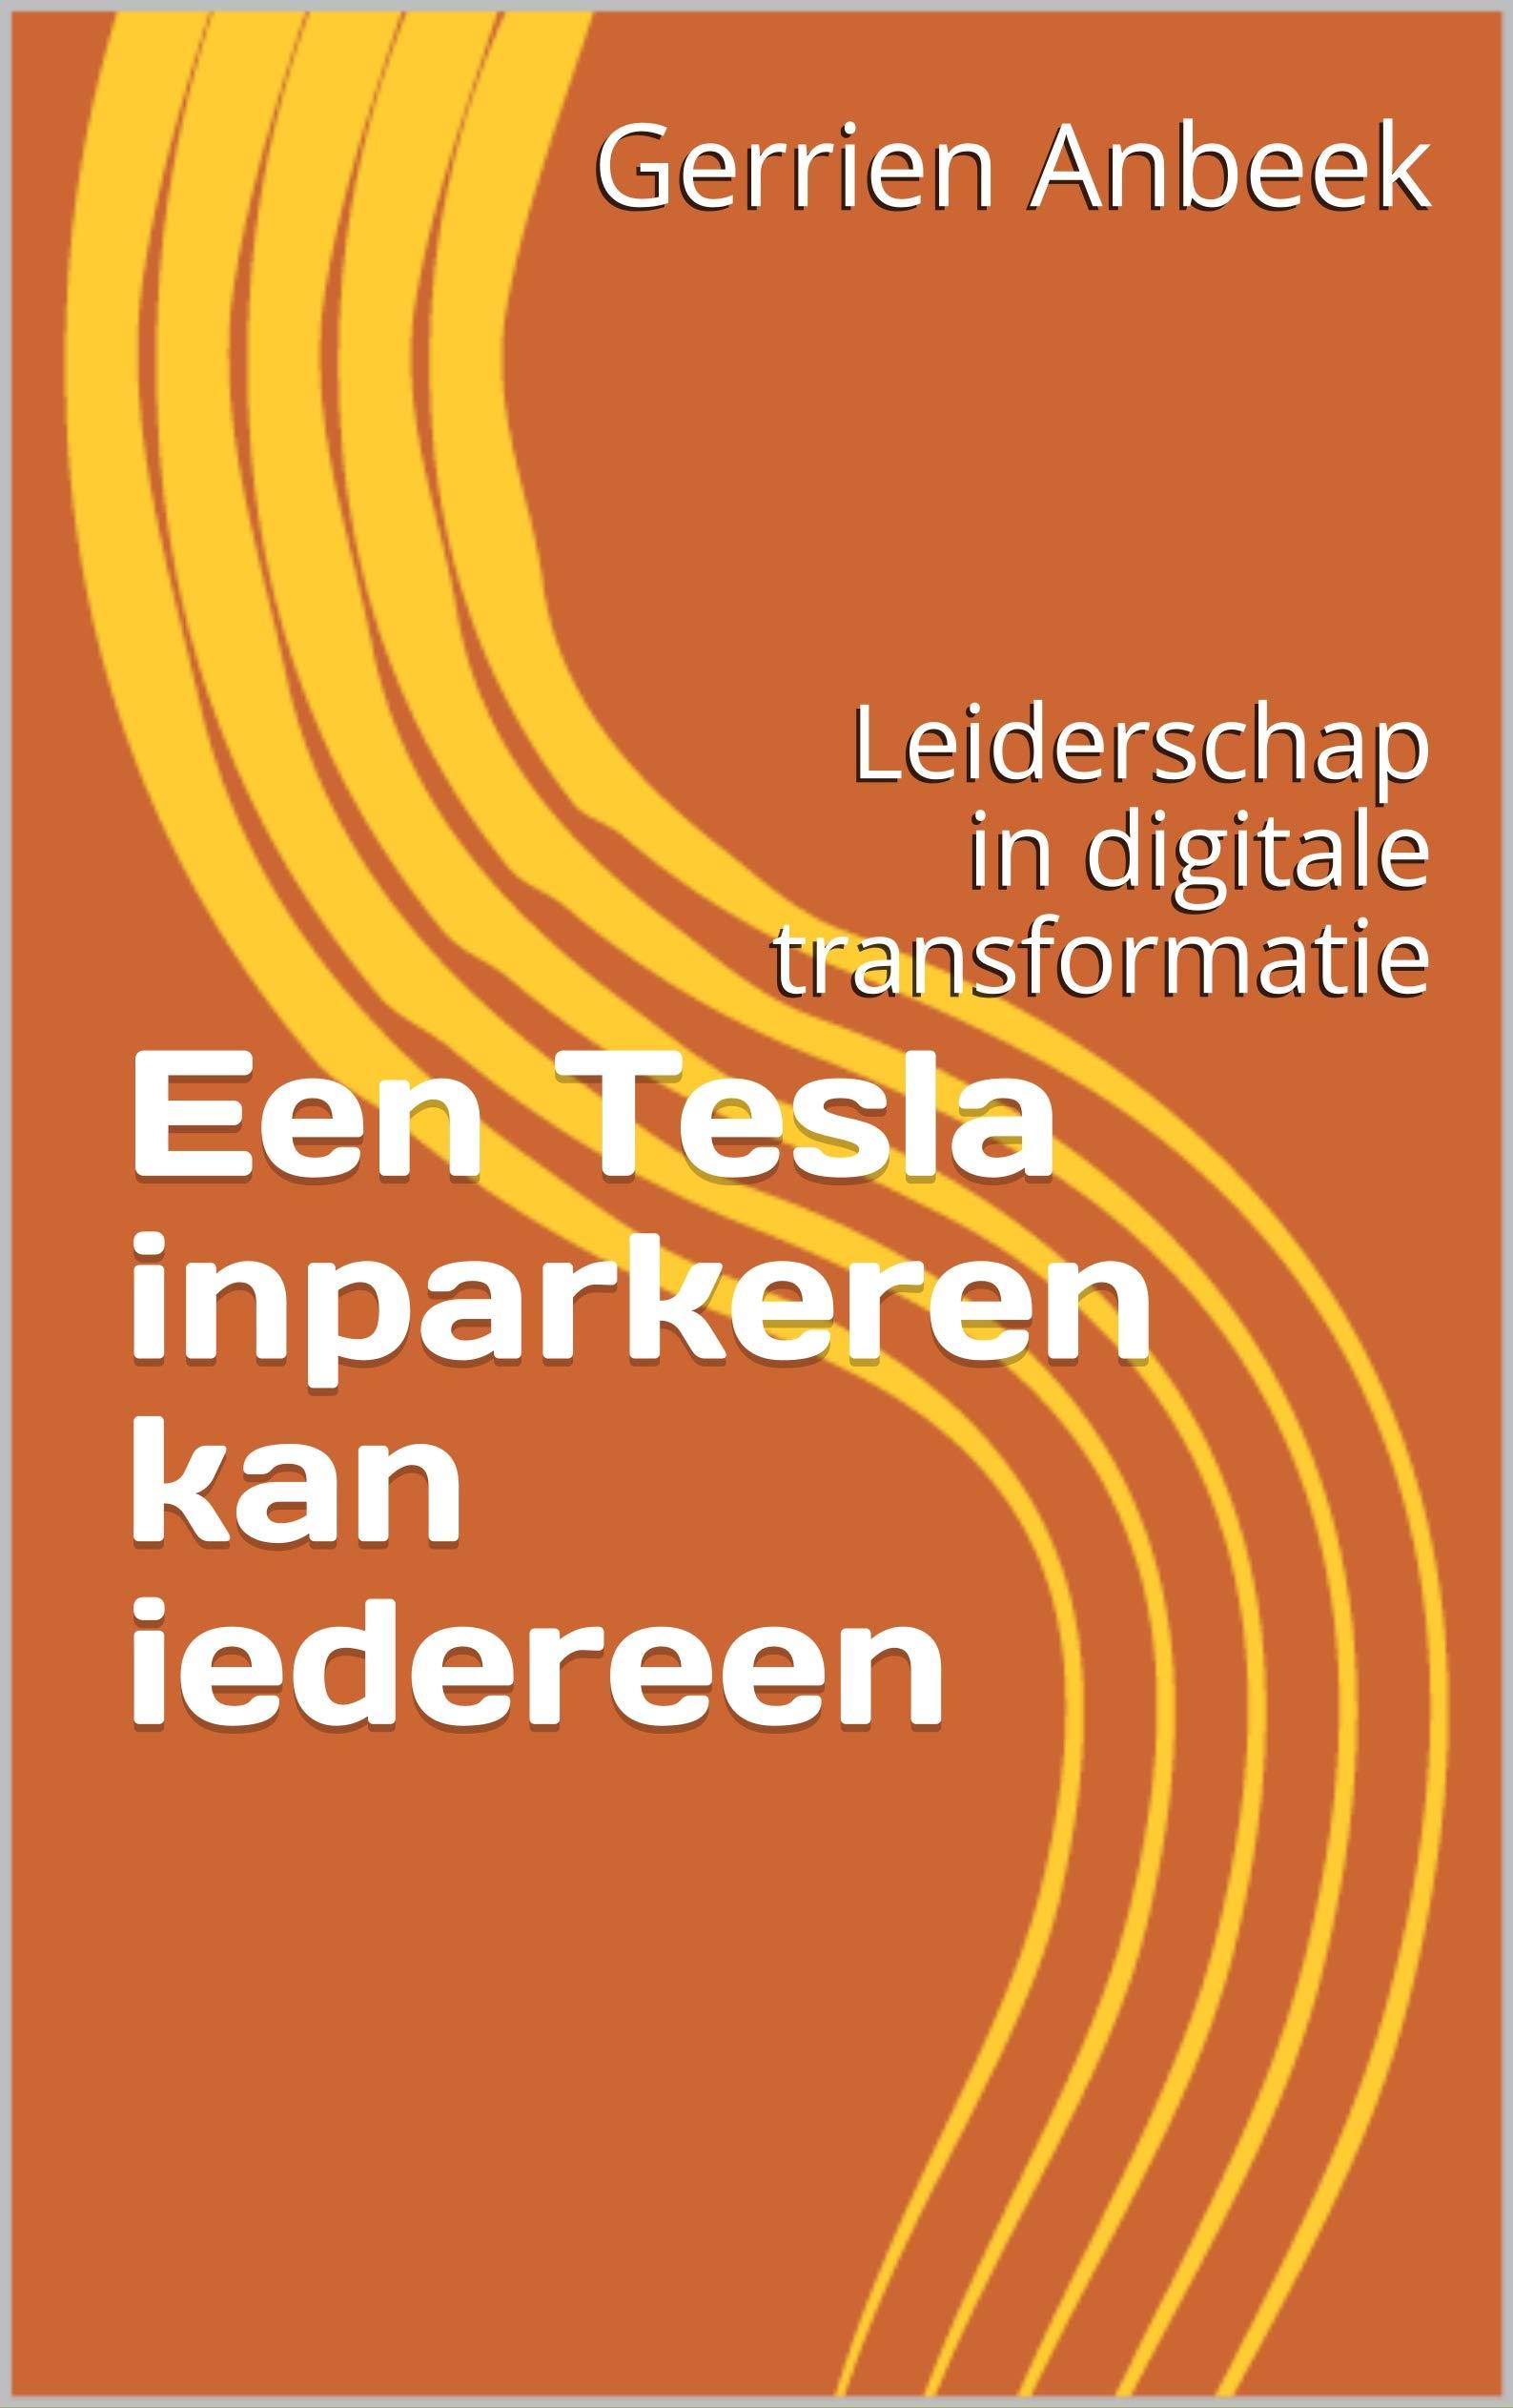 Een Tesla inparkeren kan iedereen: Leiderschap in digitale transformatie (Dutch Edition)